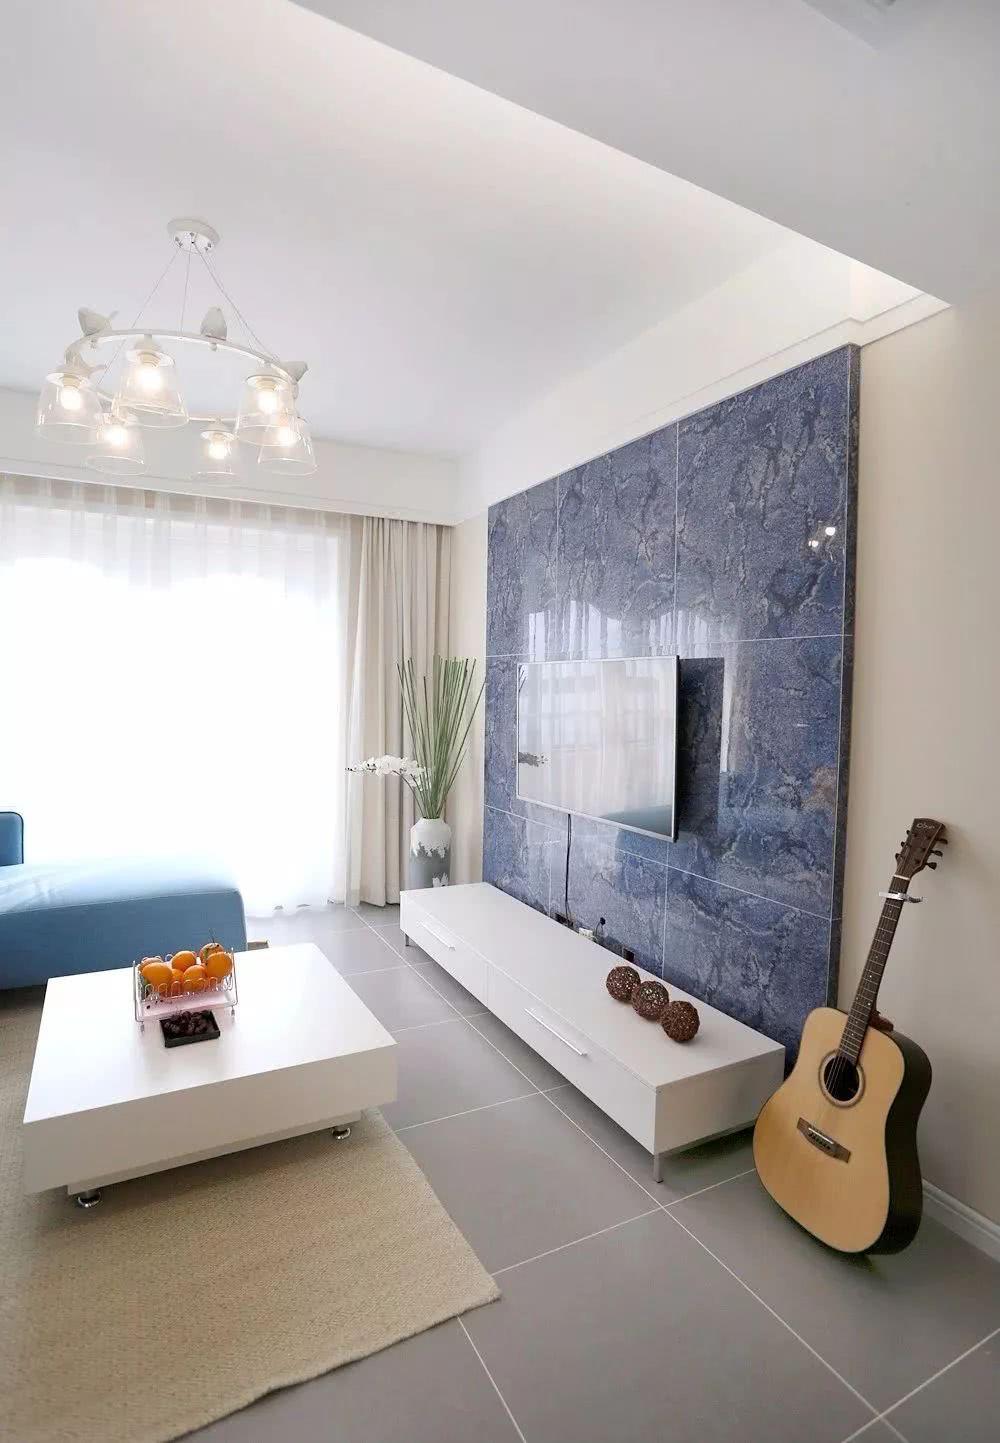 客厅电视墙以丹蓝色瓷砖做造型,壁挂电视机下方白一个白色电视柜